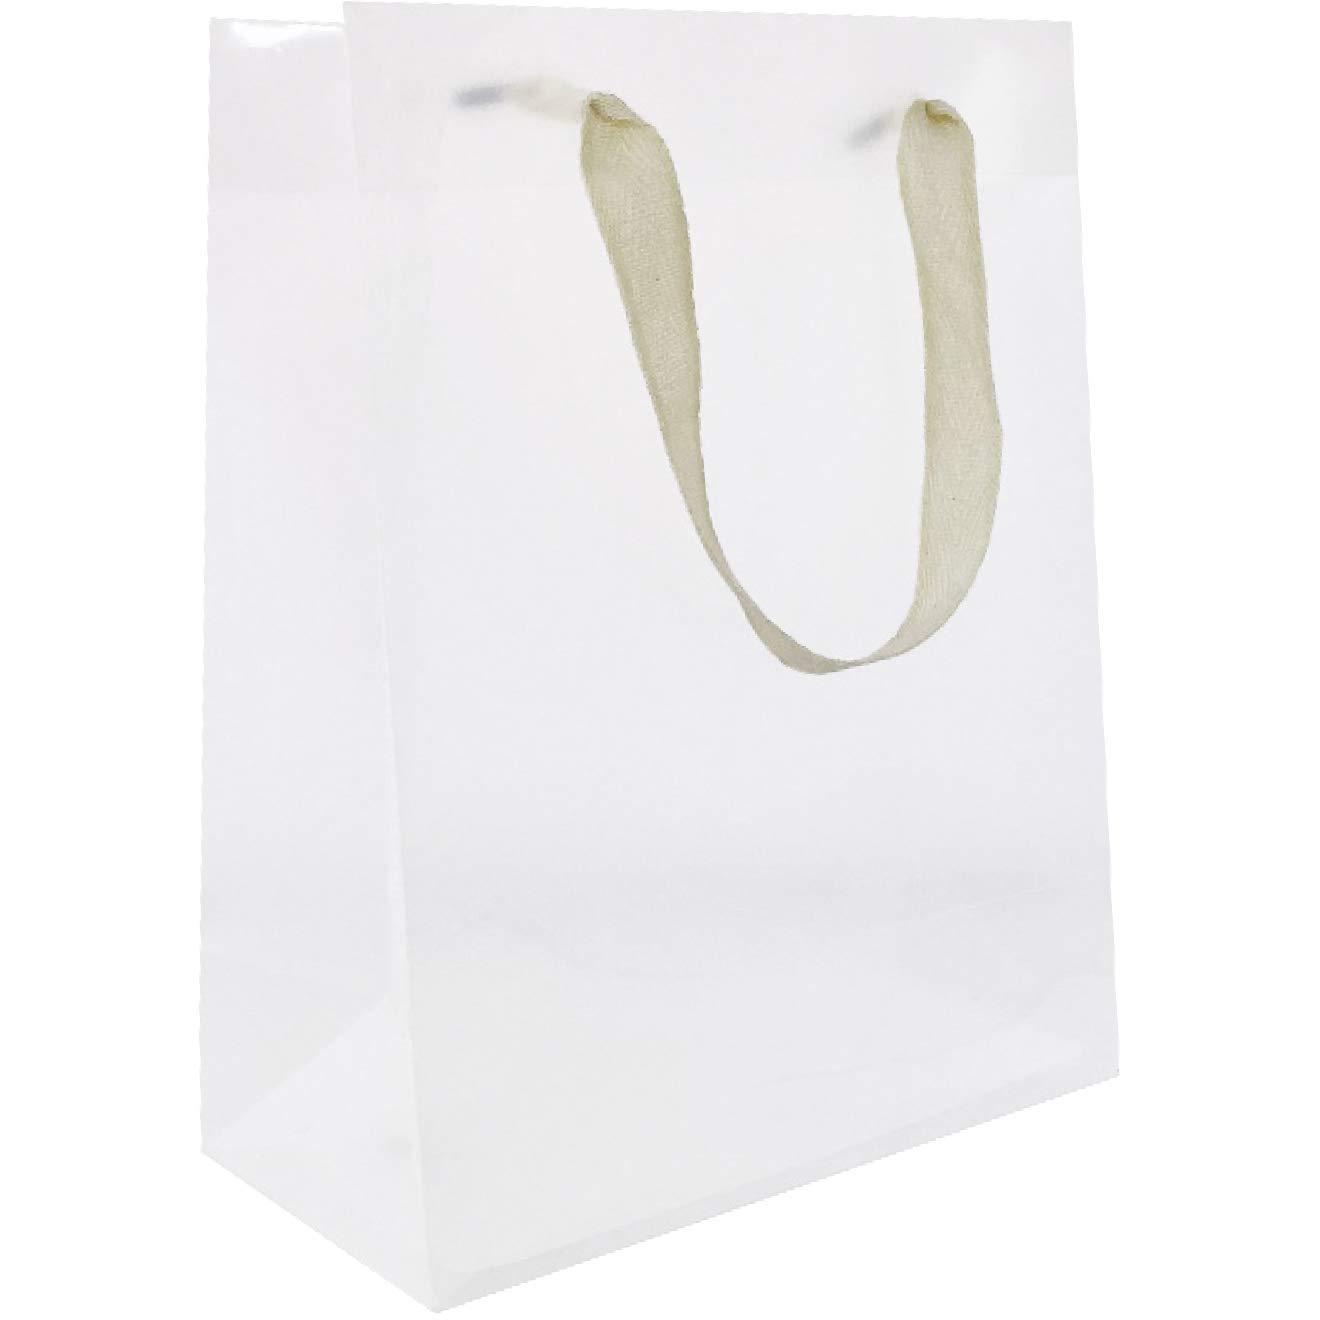 Jillson Roberts Geschenktüten, 120 Stück, 15,2 x 19,1 x 7,6 cm, blickdicht